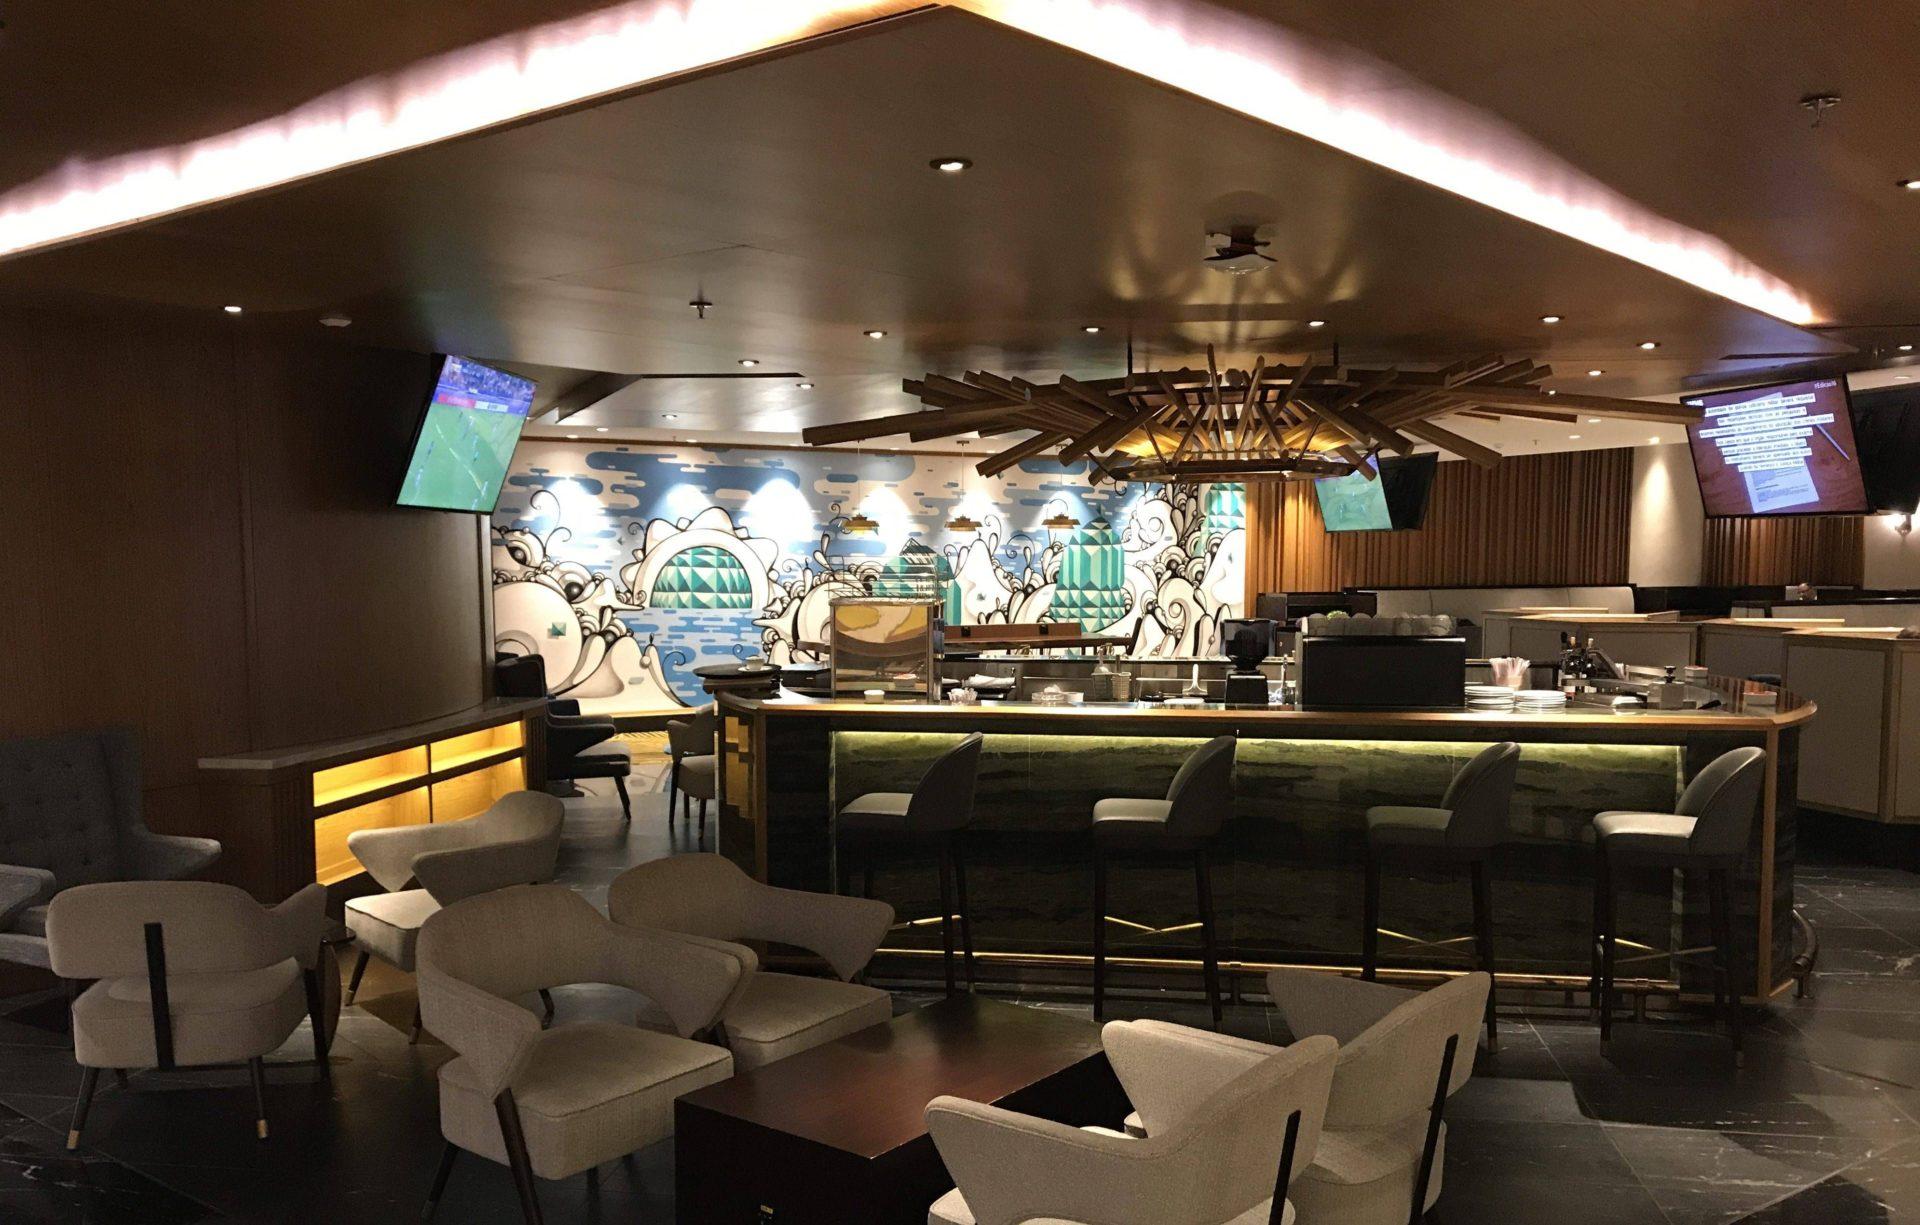 Sala VIP doméstica Plaza Premium Lounge – Aeroporto do Rio de Janeiro (Galeão)